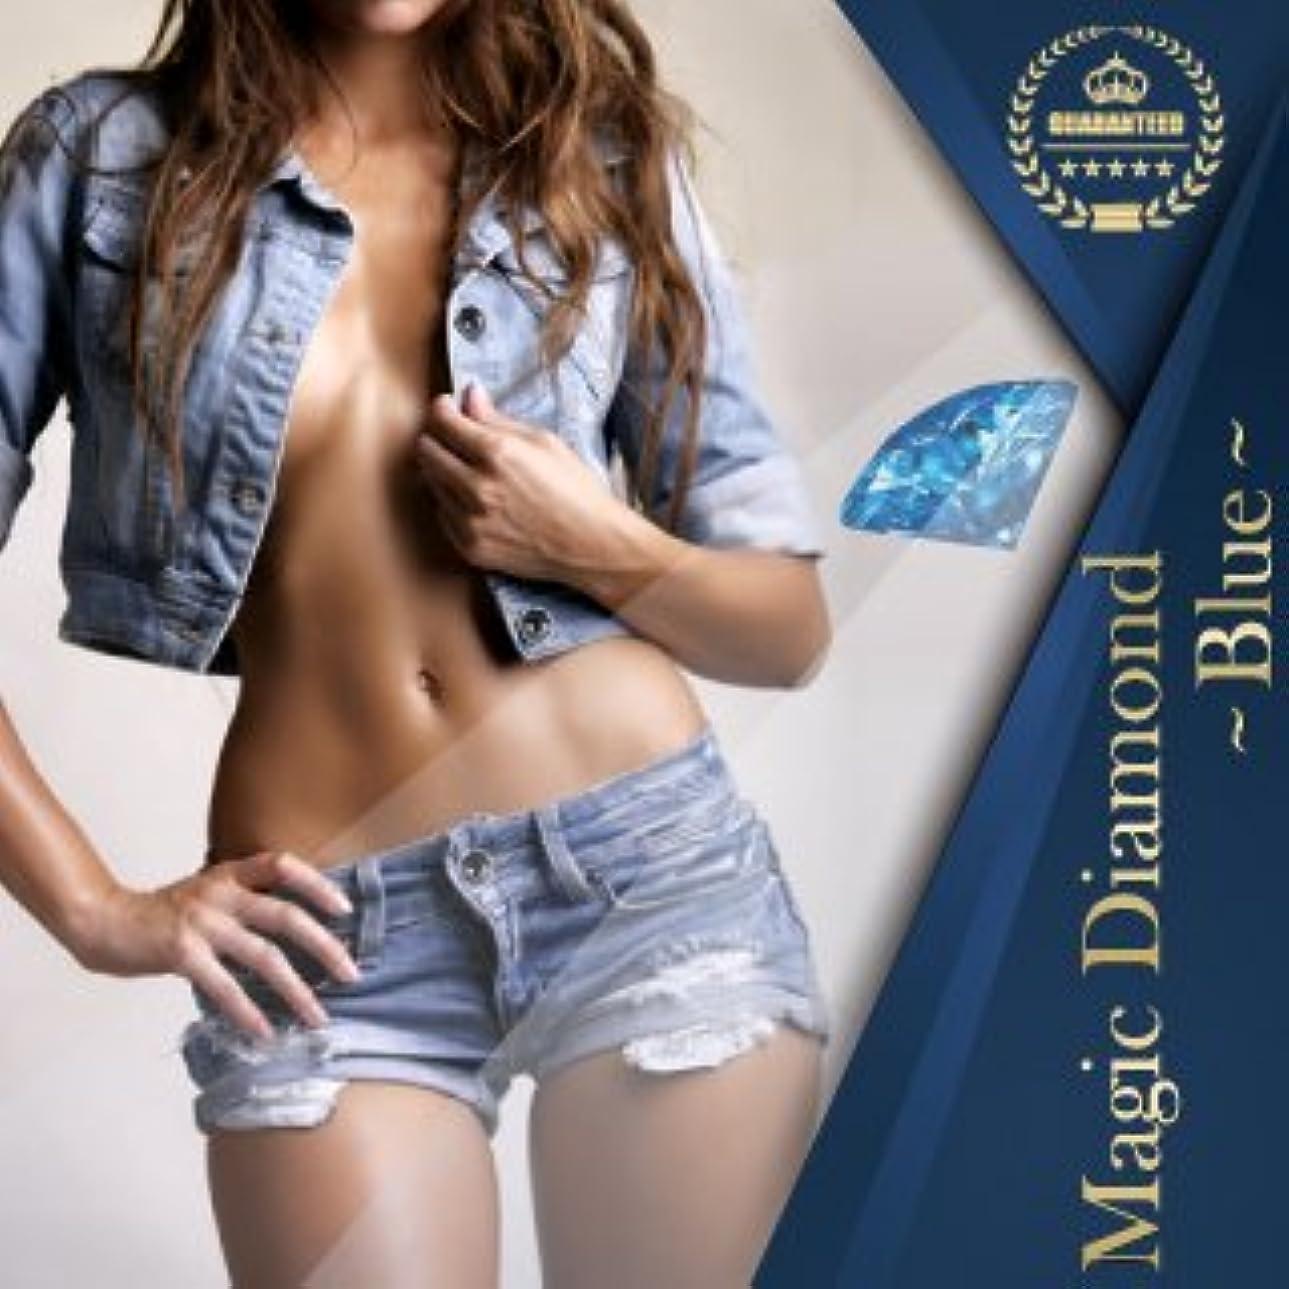 ロイヤリティ出発ラボMagic Diamond Blue マジックダイアモンドブルー 2個セット Magic Diamond Blue